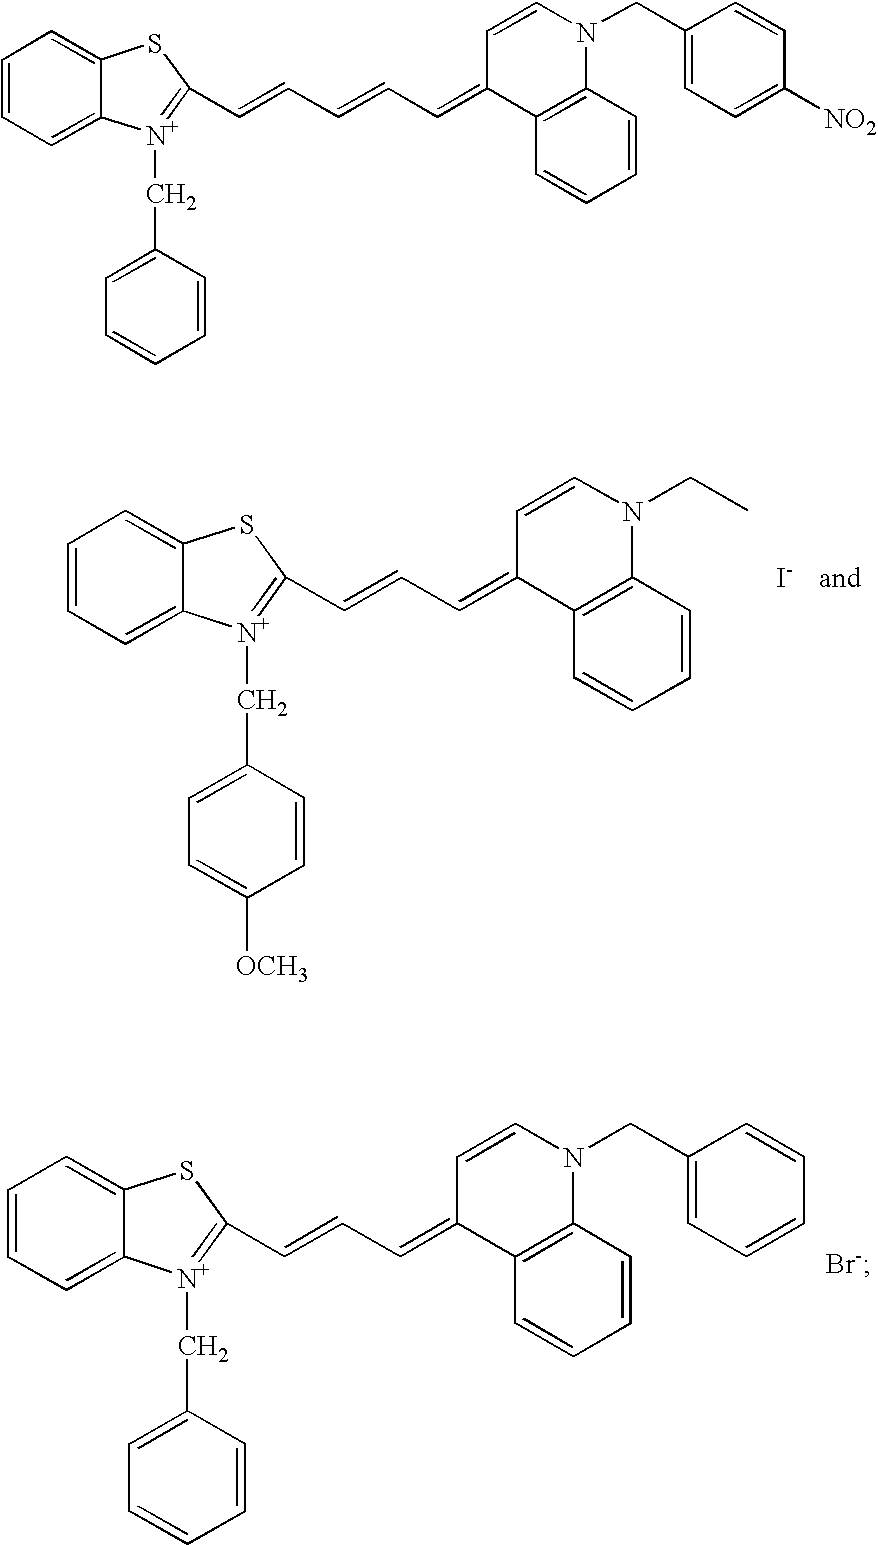 Figure US20100151509A1-20100617-C00028